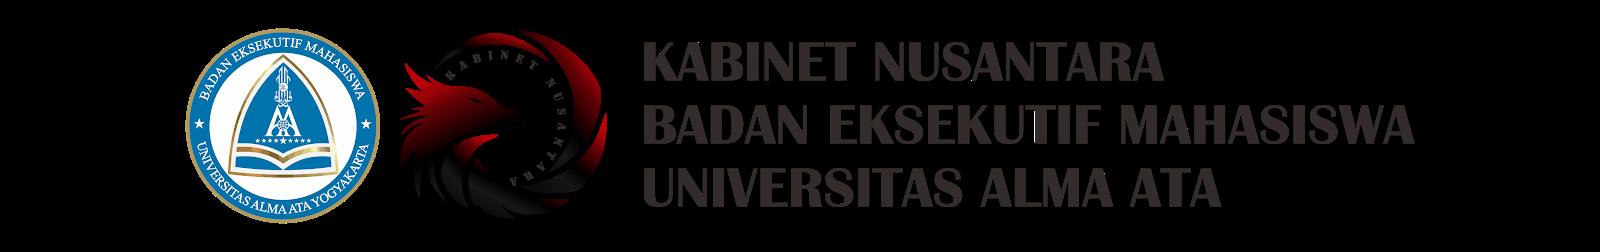 BEM Universitas Alma Ata - Kabinet Nusantara